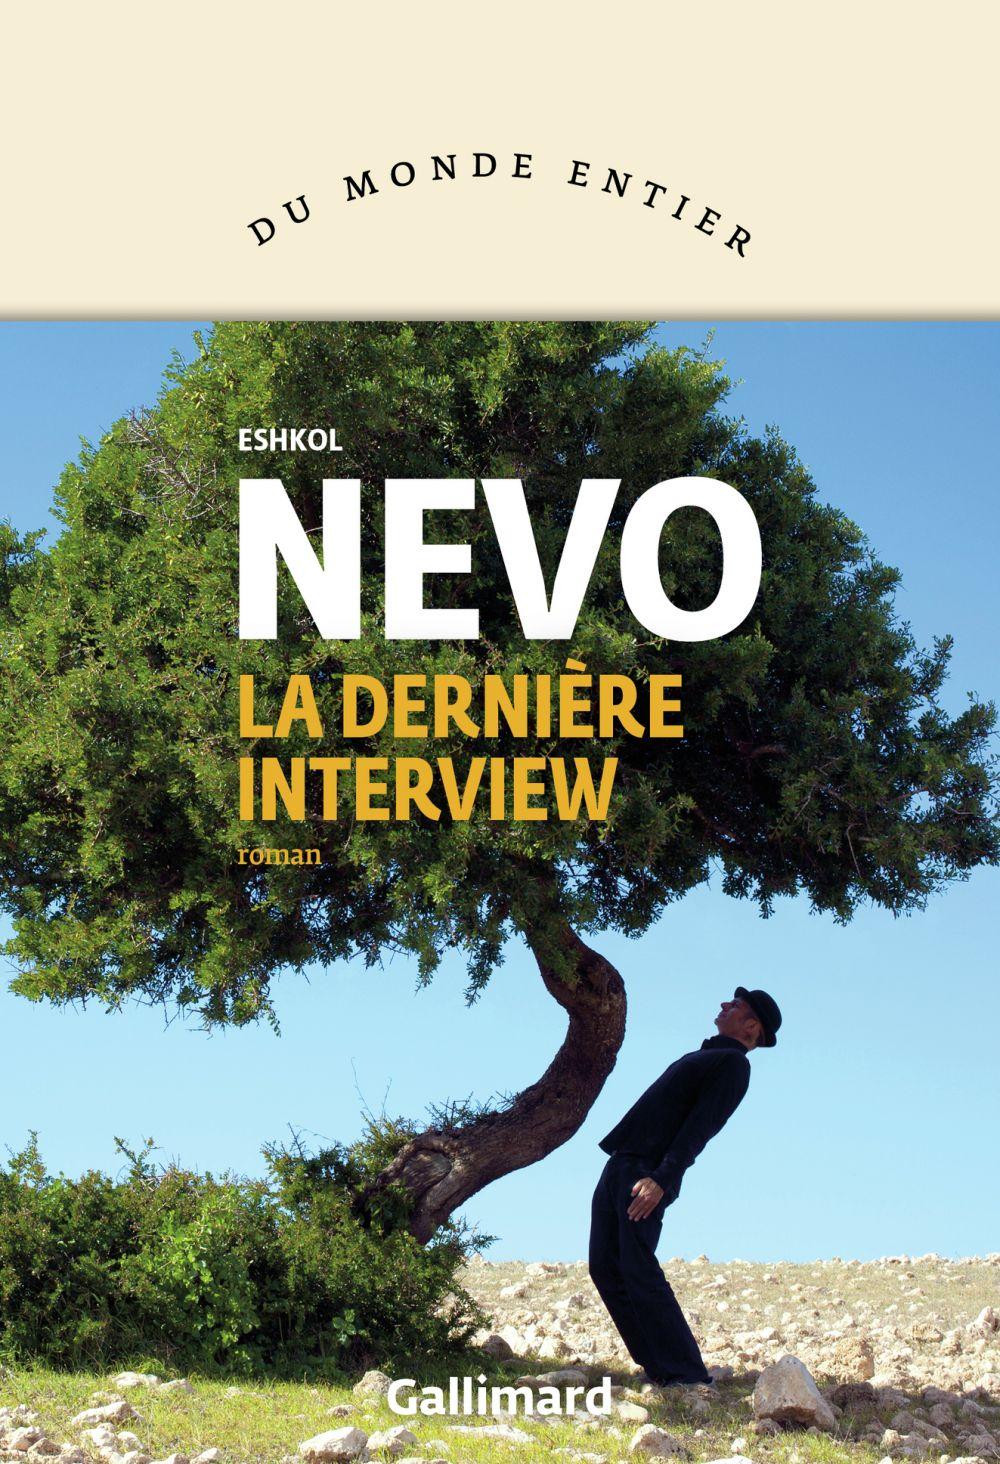 La dernière interview | Nevo, Eshkol. Auteur